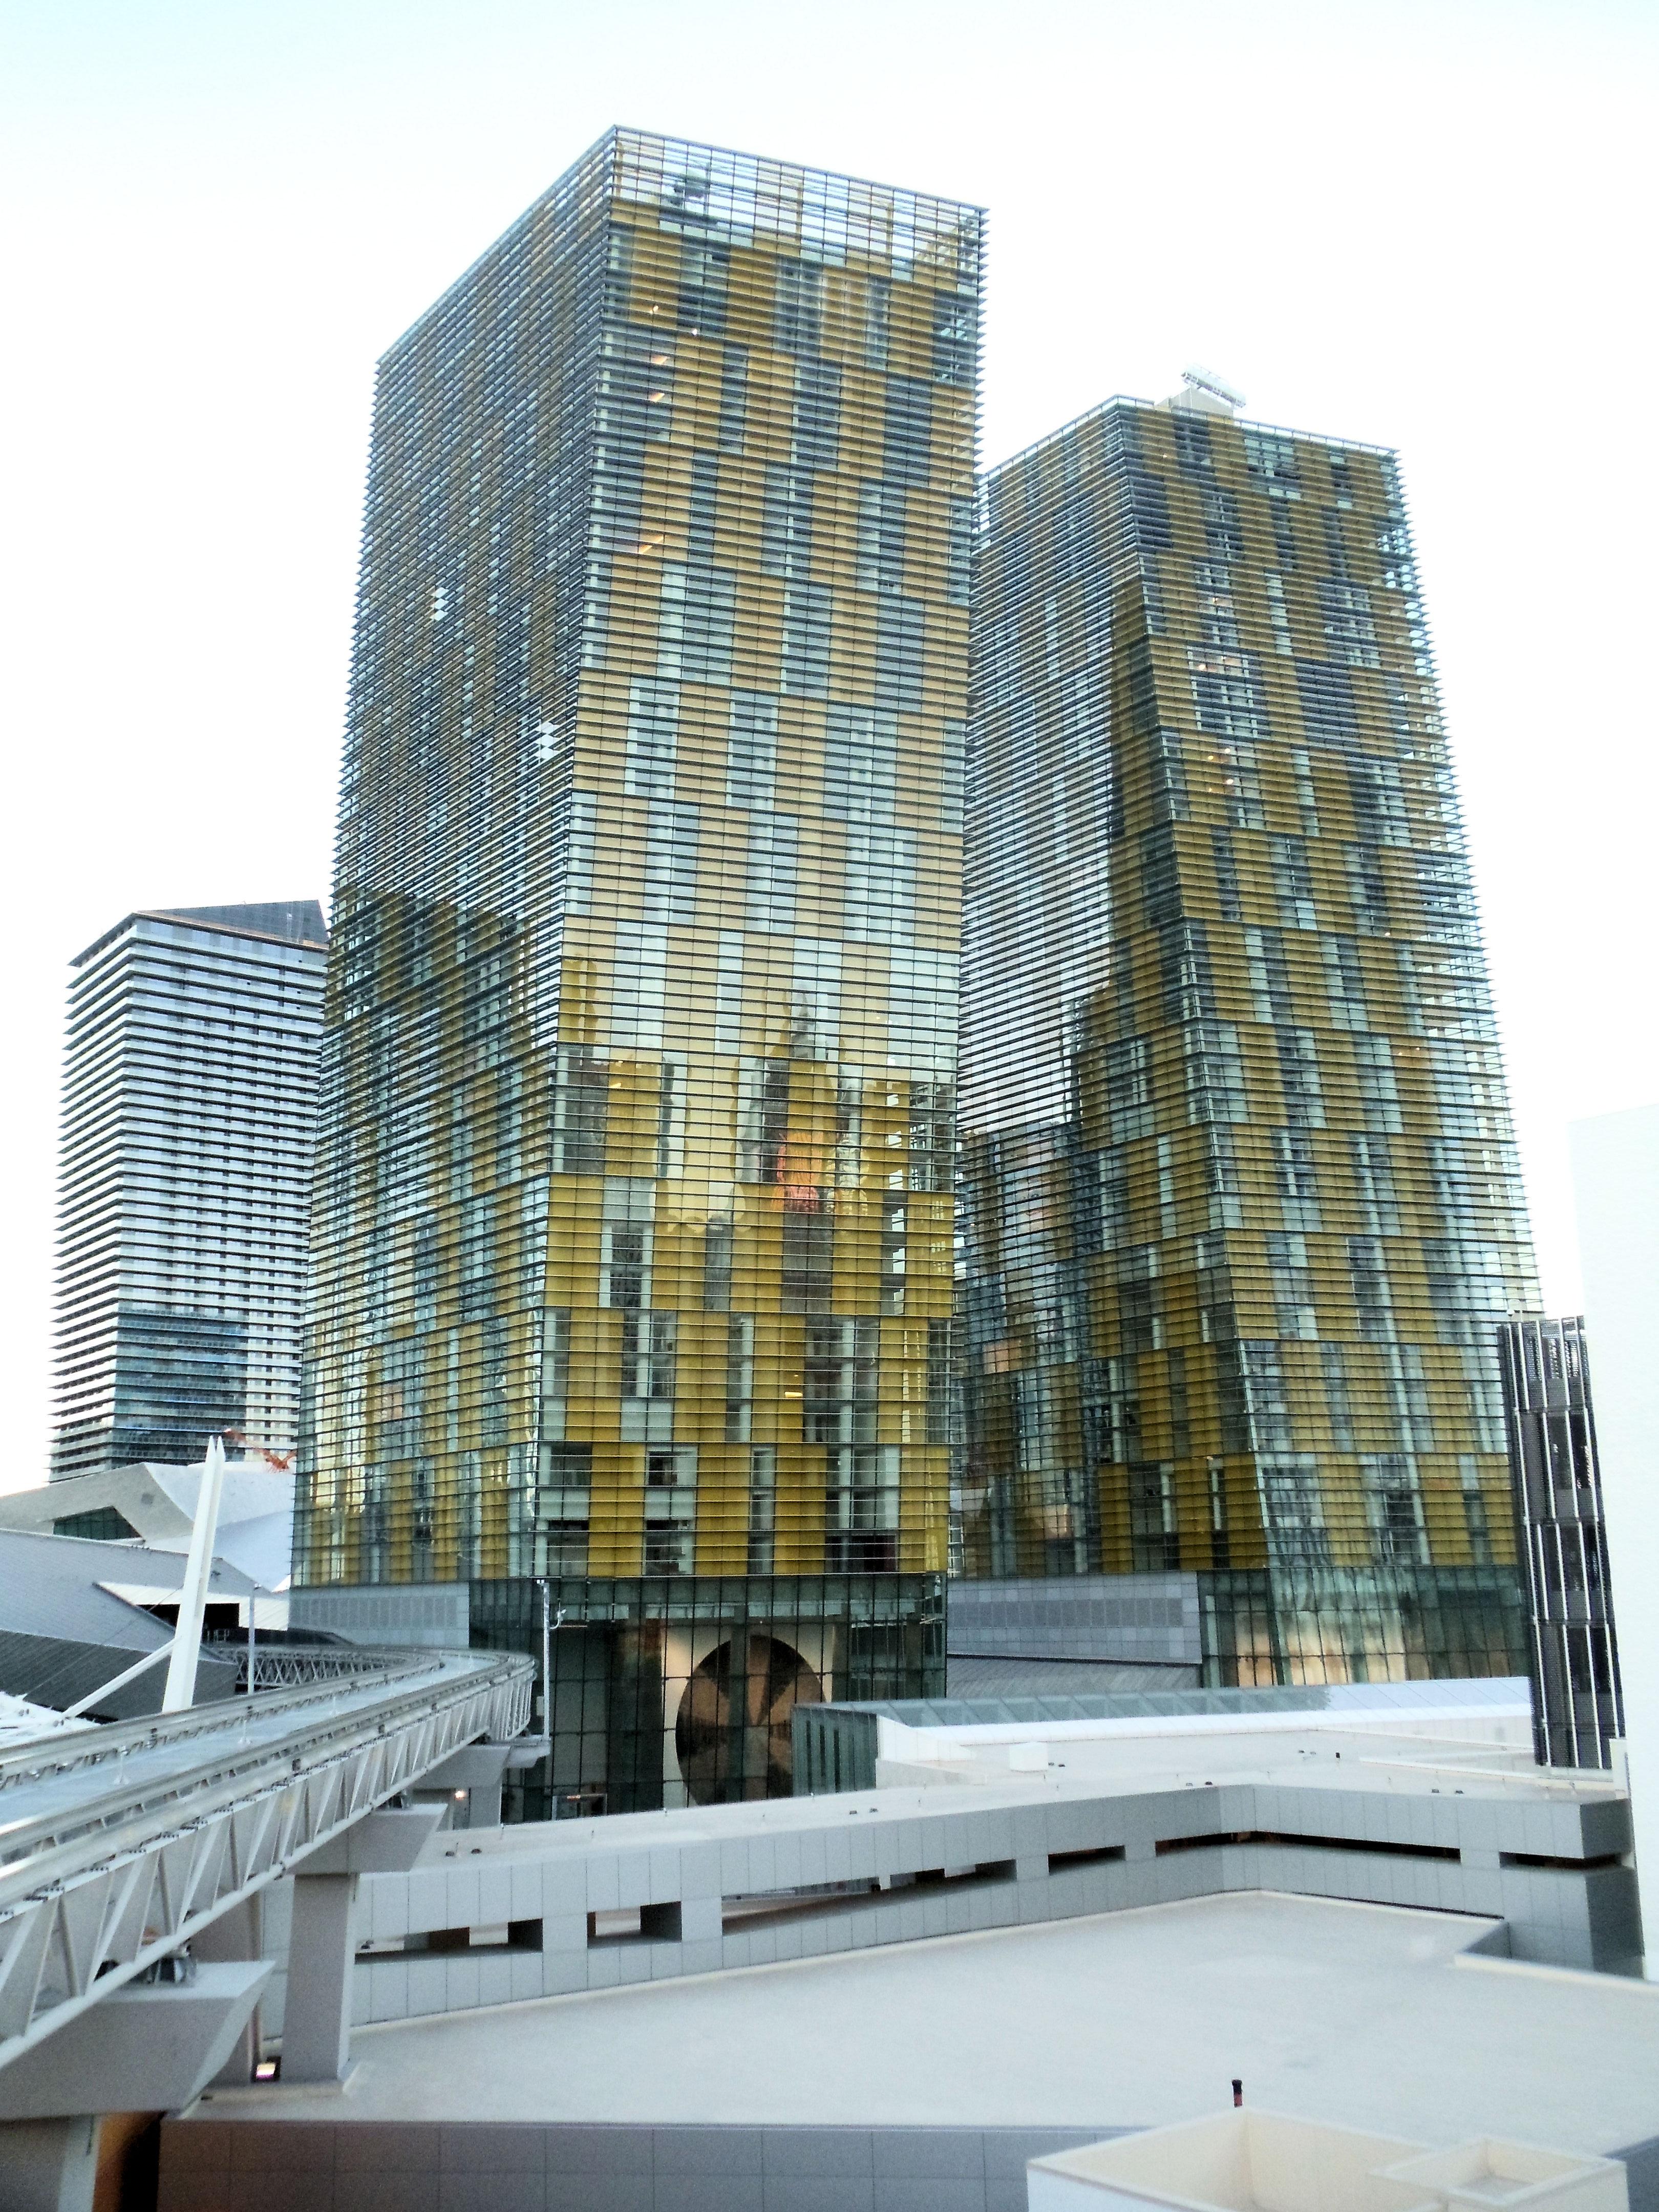 Veer Towers Floor Plan Three Bedroom Penthouse Vph 4: File:DSC33381, Veer Towers Residences, Las Vegas, Nevada